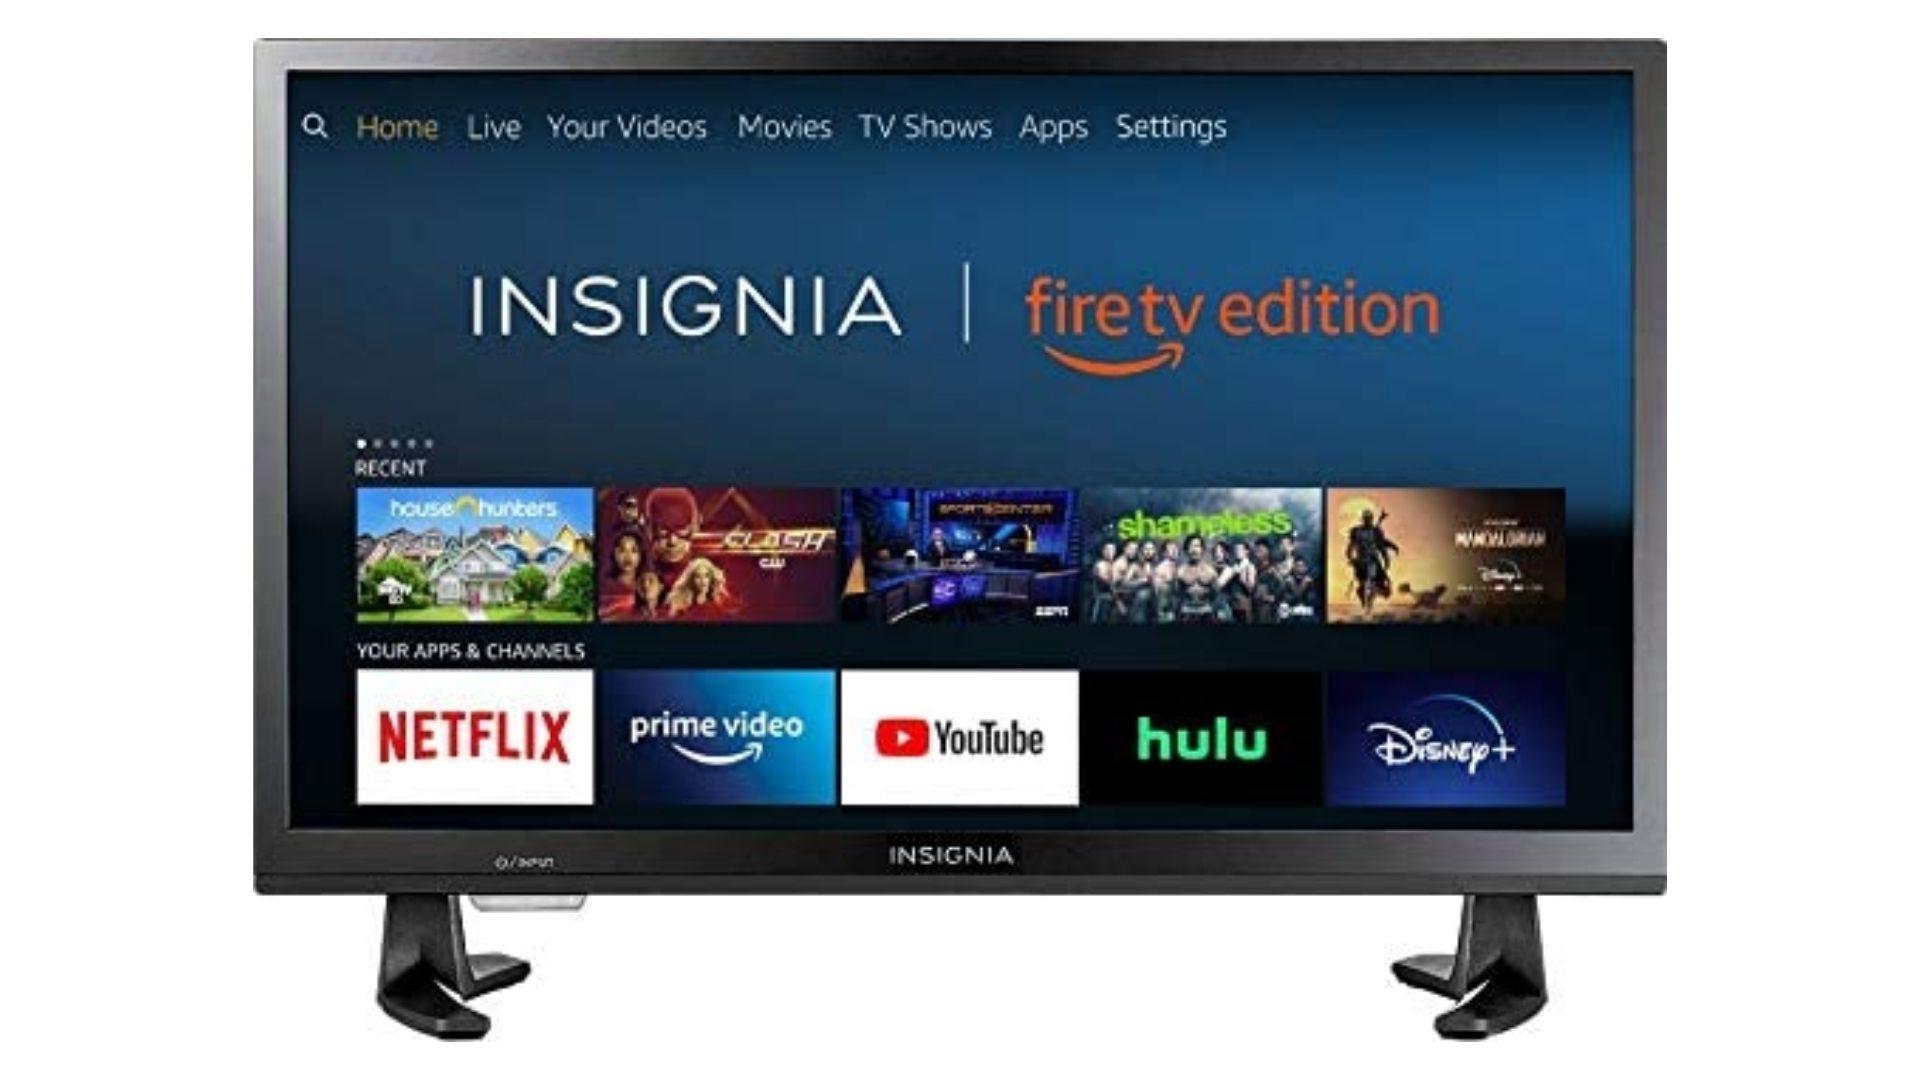 Insignia 32-inch Smart HD TV - Fire TV Edition